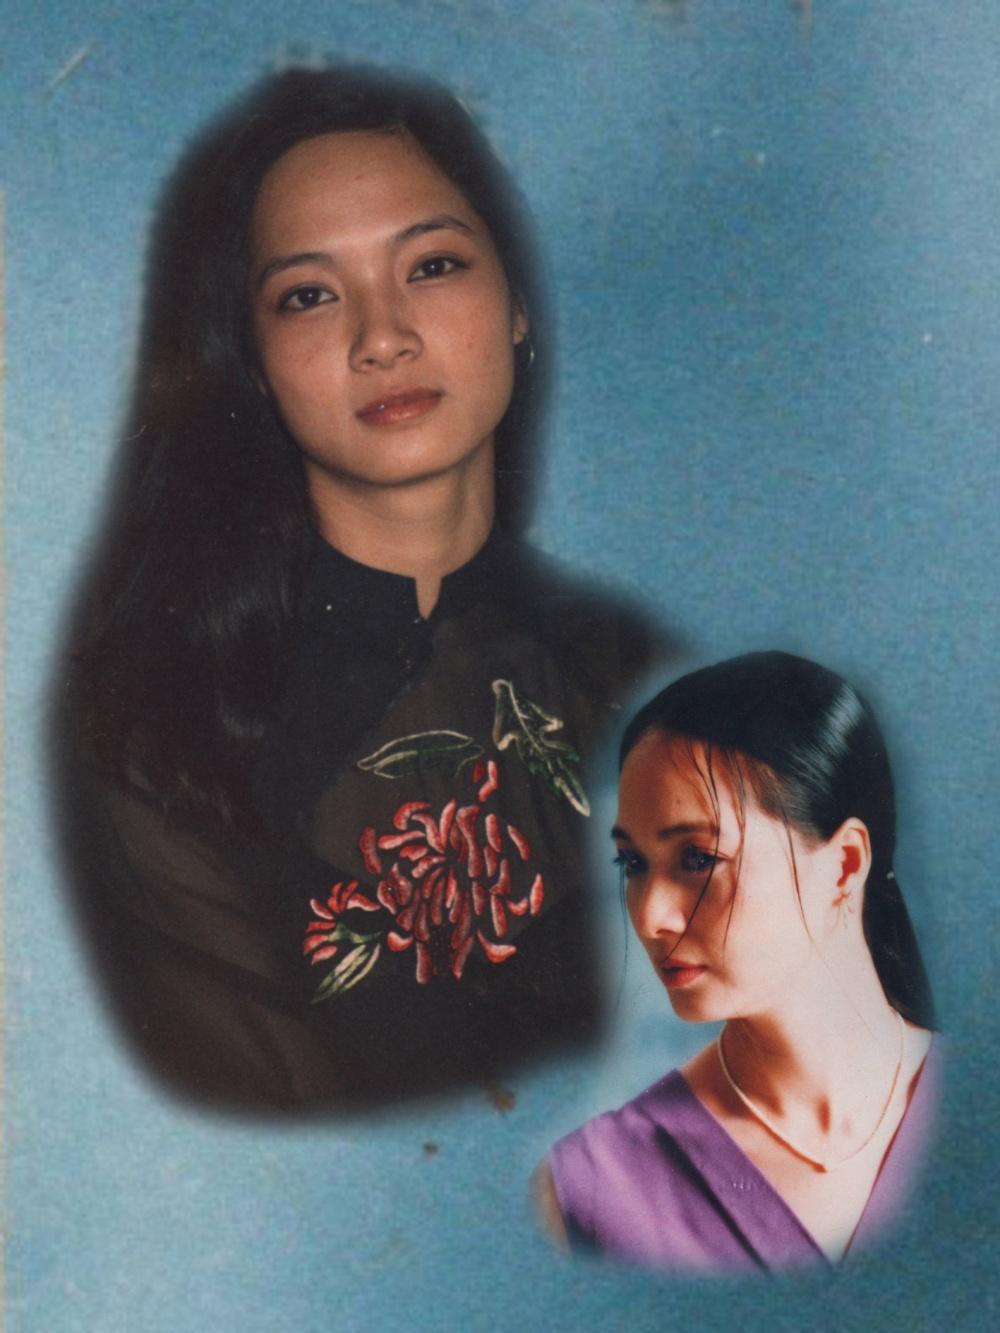 NSND Lê Khanh hi sinh mái tóc dài suốt 20 năm để đóng 'Gái Già Lắm Chiêu' - Ảnh 2